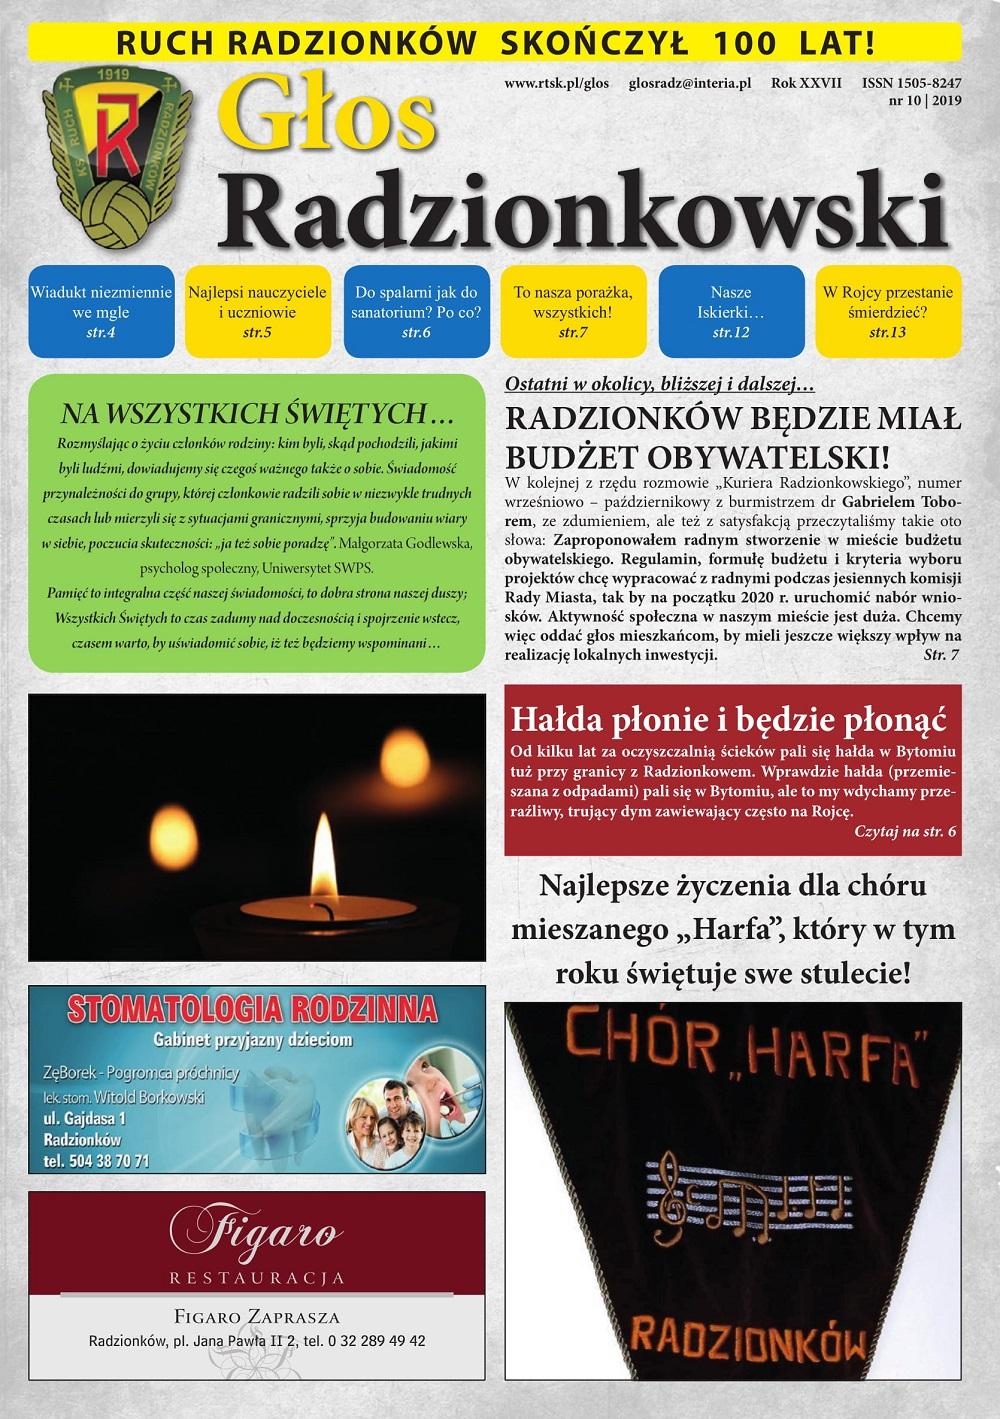 Głos Radzionkowski nr 10/2019